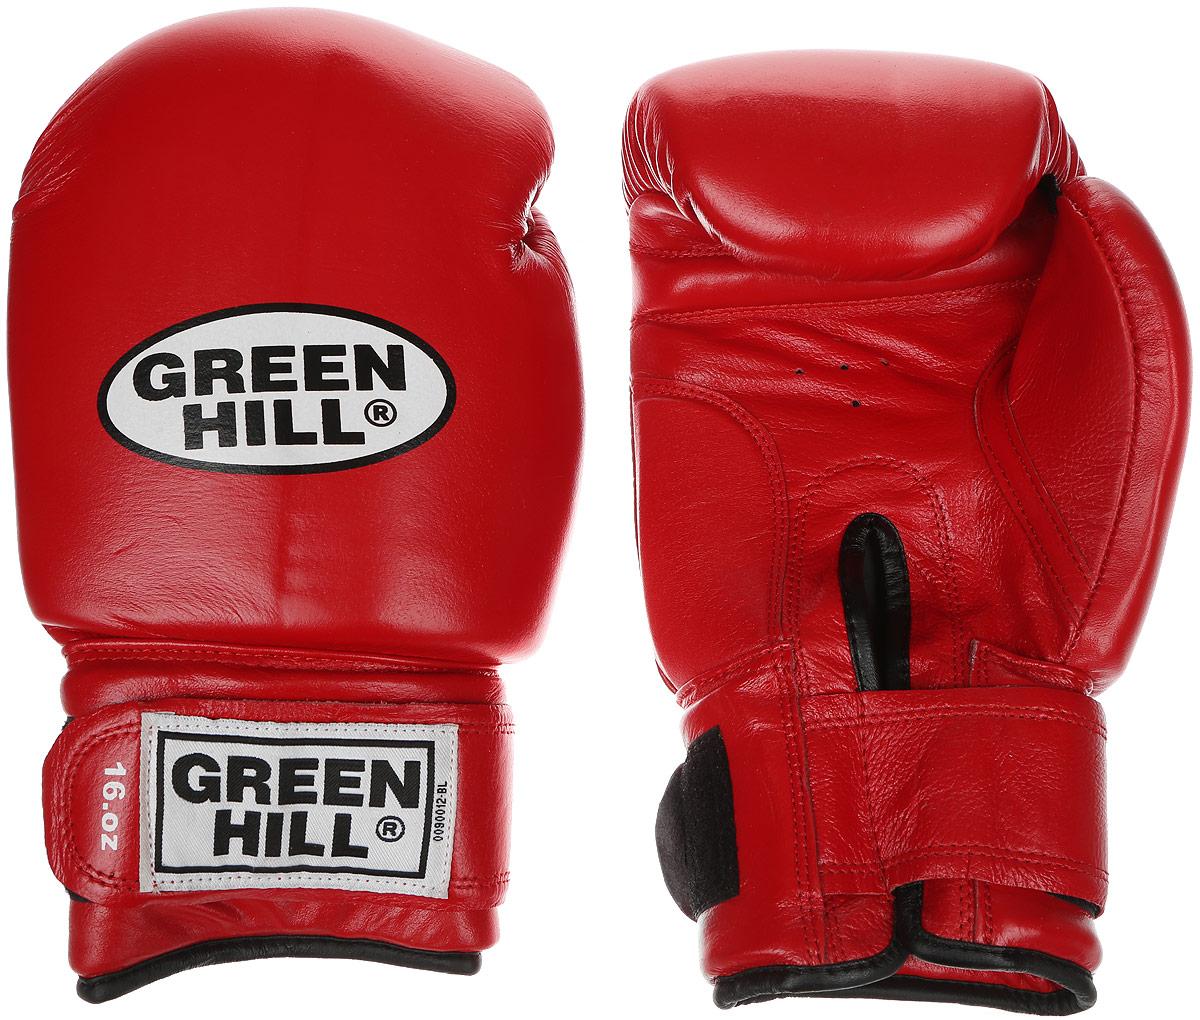 Перчатки боксерские Green Hill Super Star, цвет: красный, белый. Вес 16 унций. BGS-1213сBGA-2024Боксерские перчатки Green Hill Super Star предназначены для использования профессионалами. Подойдут для спаррингов и соревнований. Верх выполнен из натуральной кожи, наполнитель - из вспененного полимера. Отверстие в области ладони позволяет создать максимально комфортный терморежим во время занятий. Манжет на липучке способствует быстрому и удобному надеванию перчаток, плотно фиксирует перчатки на руке.